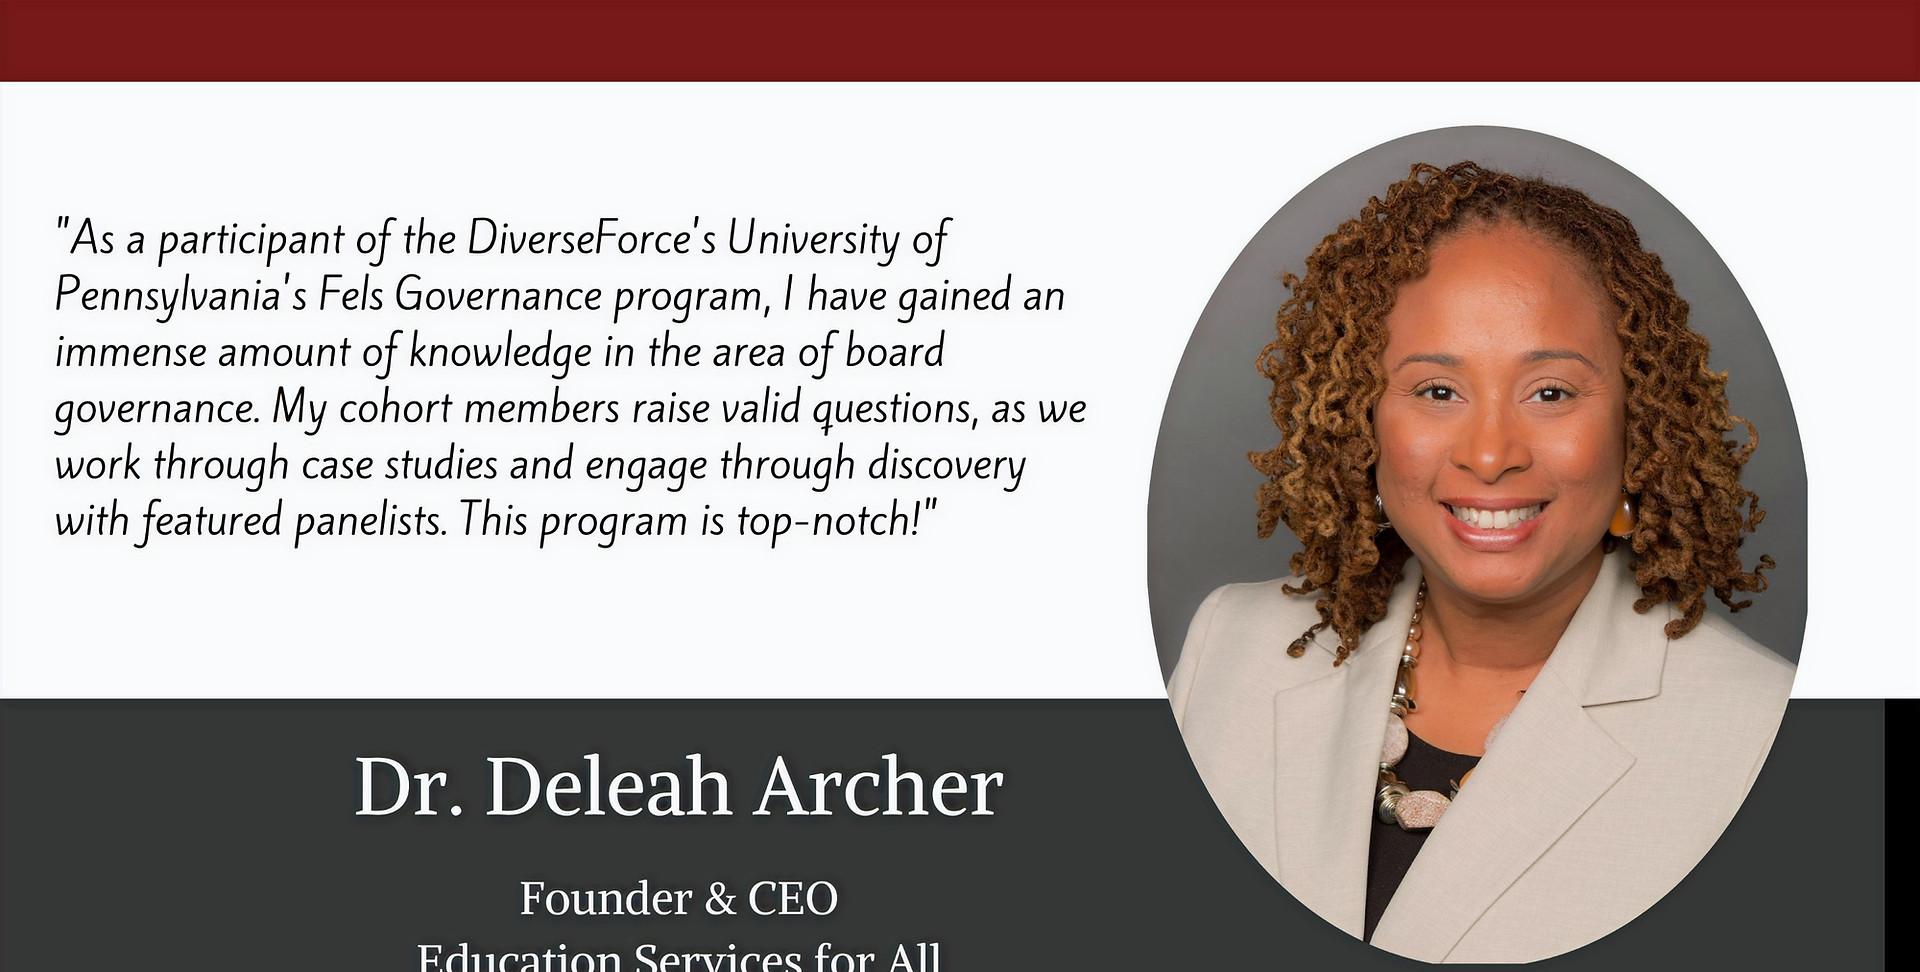 Dr. Deleah Archer